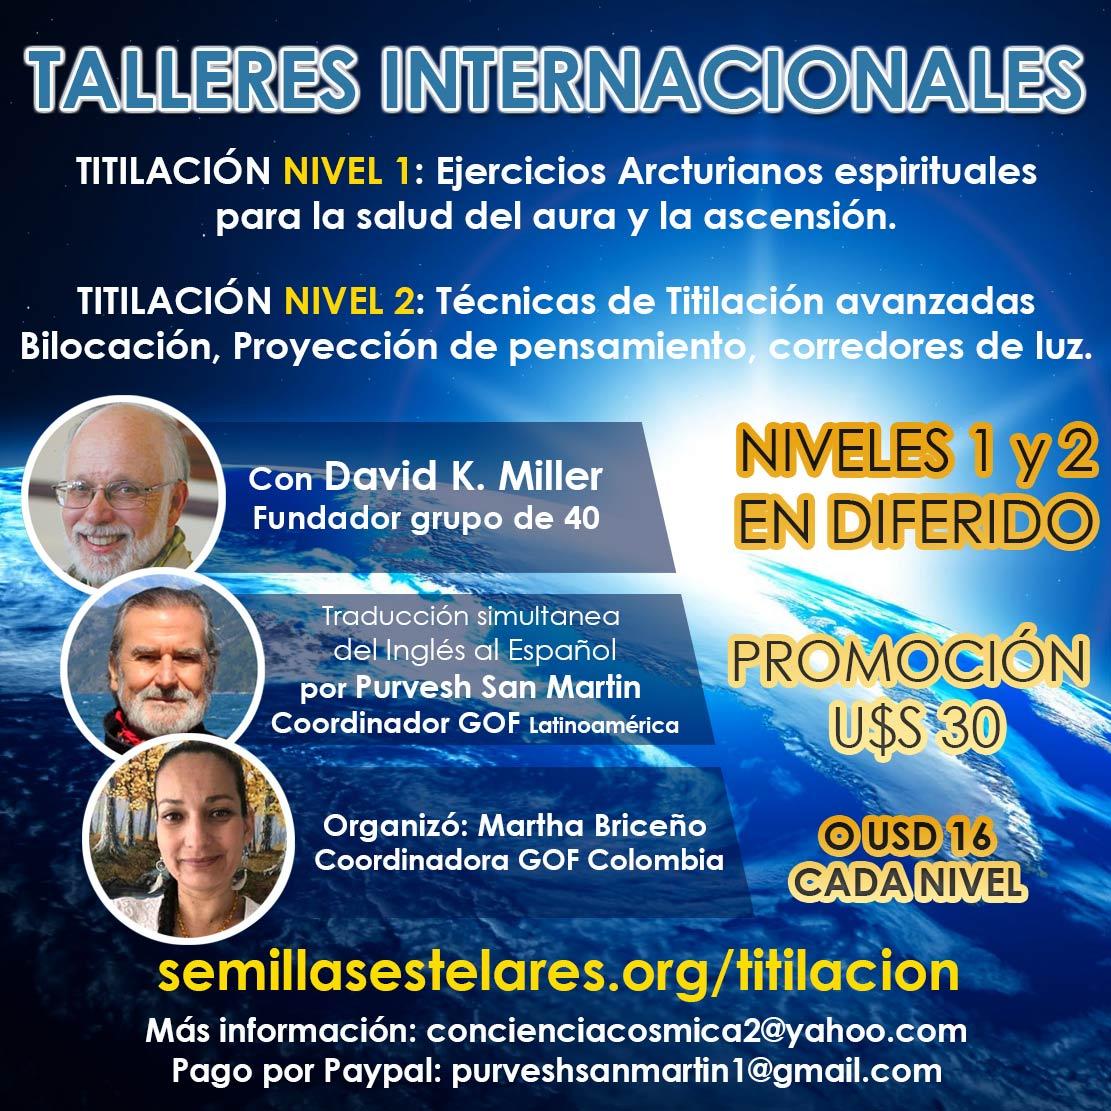 PROMOCIÓN TALLERES INTERNACIONALES DE TITILACIÓN con David Miller